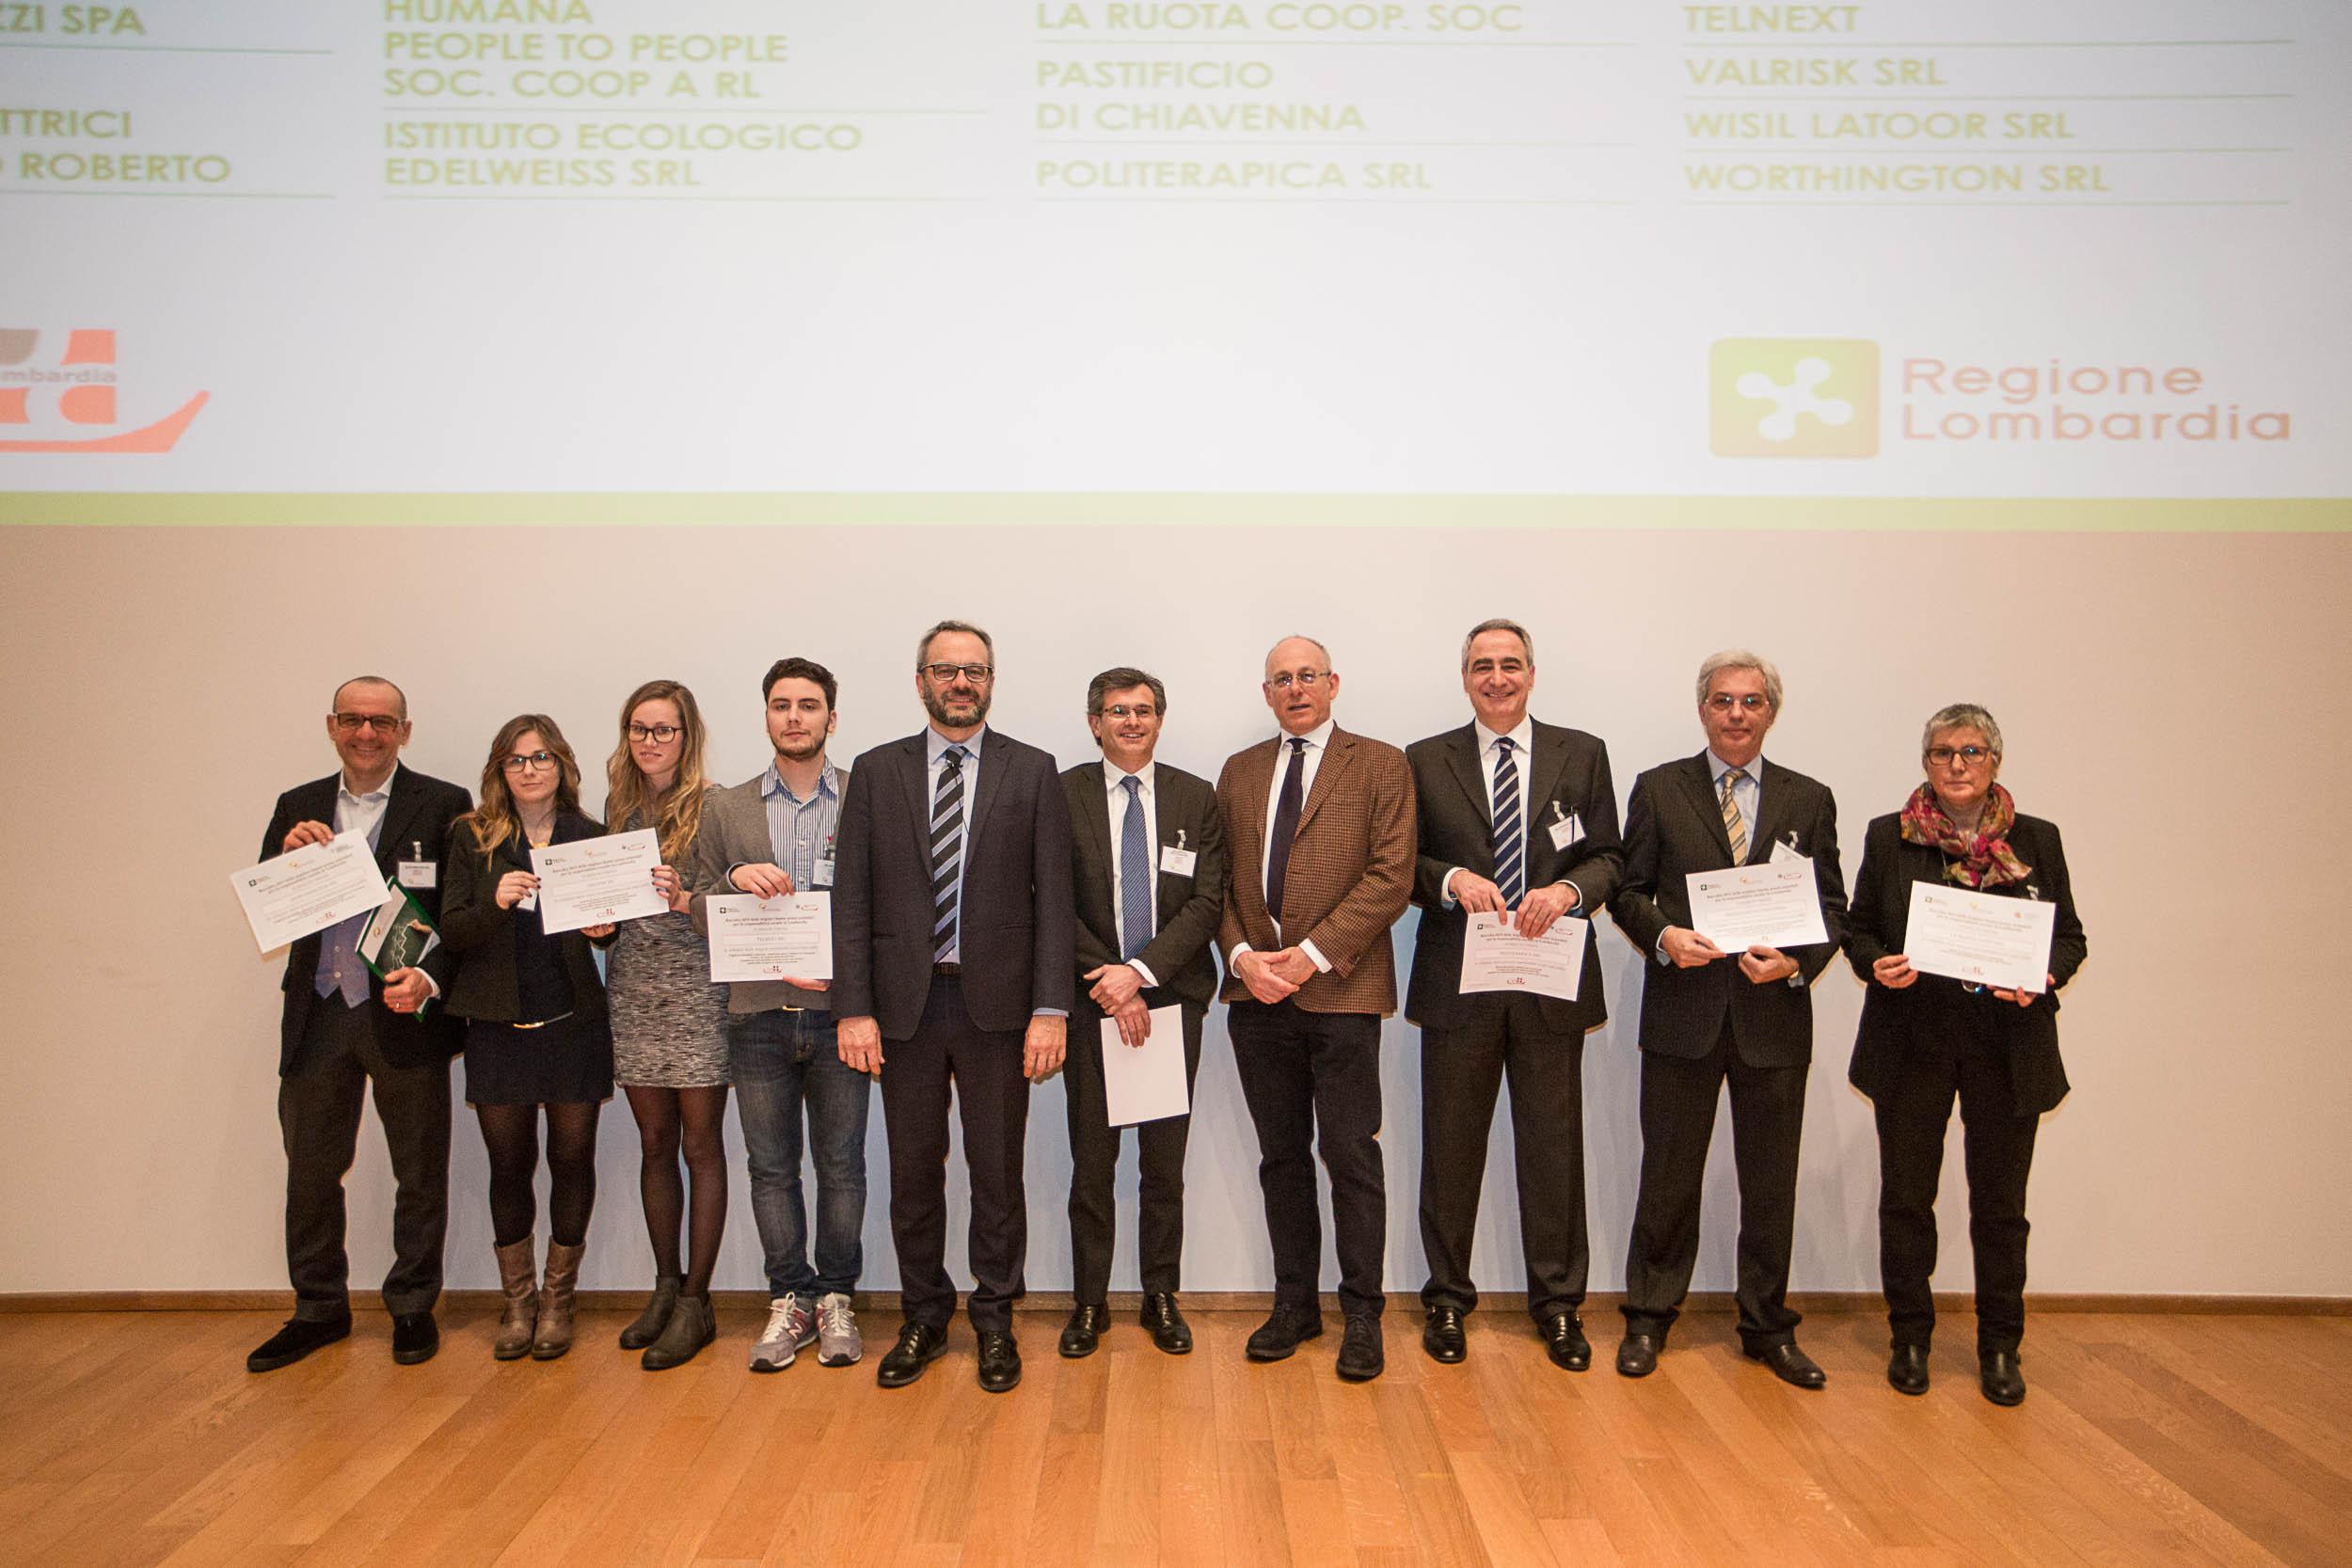 Buone prassi 2015 - Premiazione 17 Febbraio 2016 - Alcune aziende premiate per servizi alla comunità